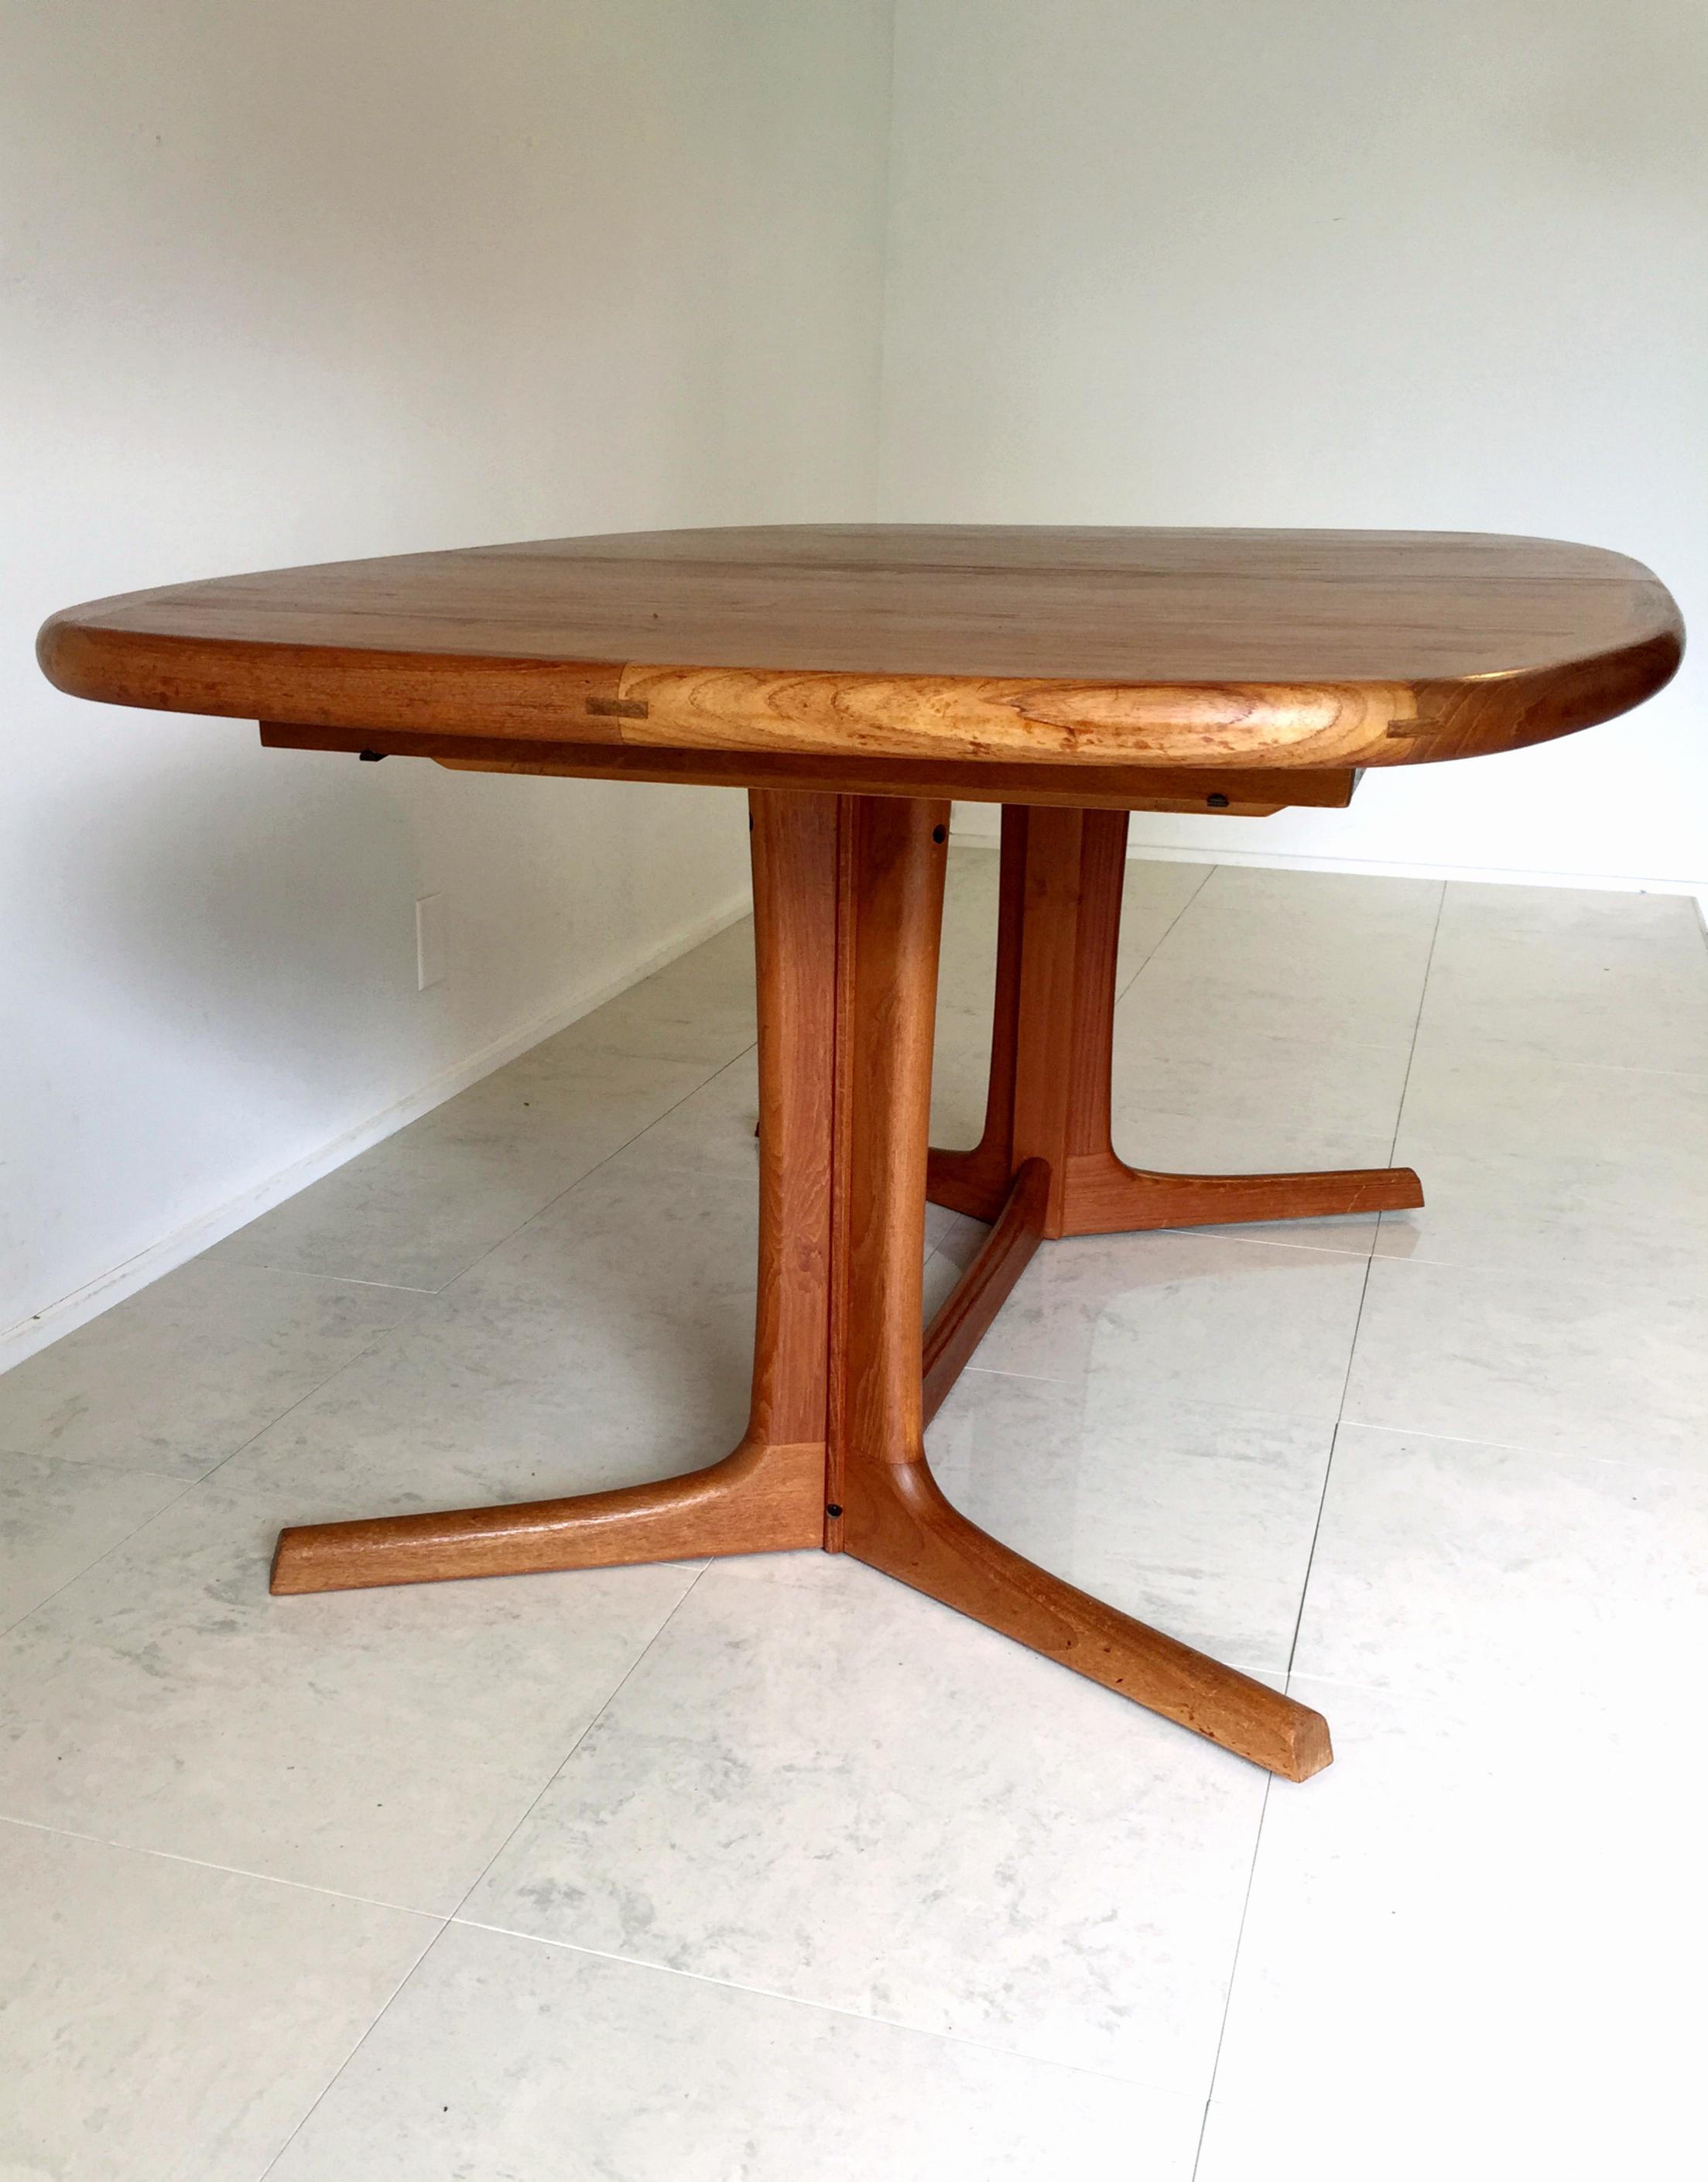 Delicieux Vintage Danish Dyrlund Teak Dining Table   Image 6 Of 8